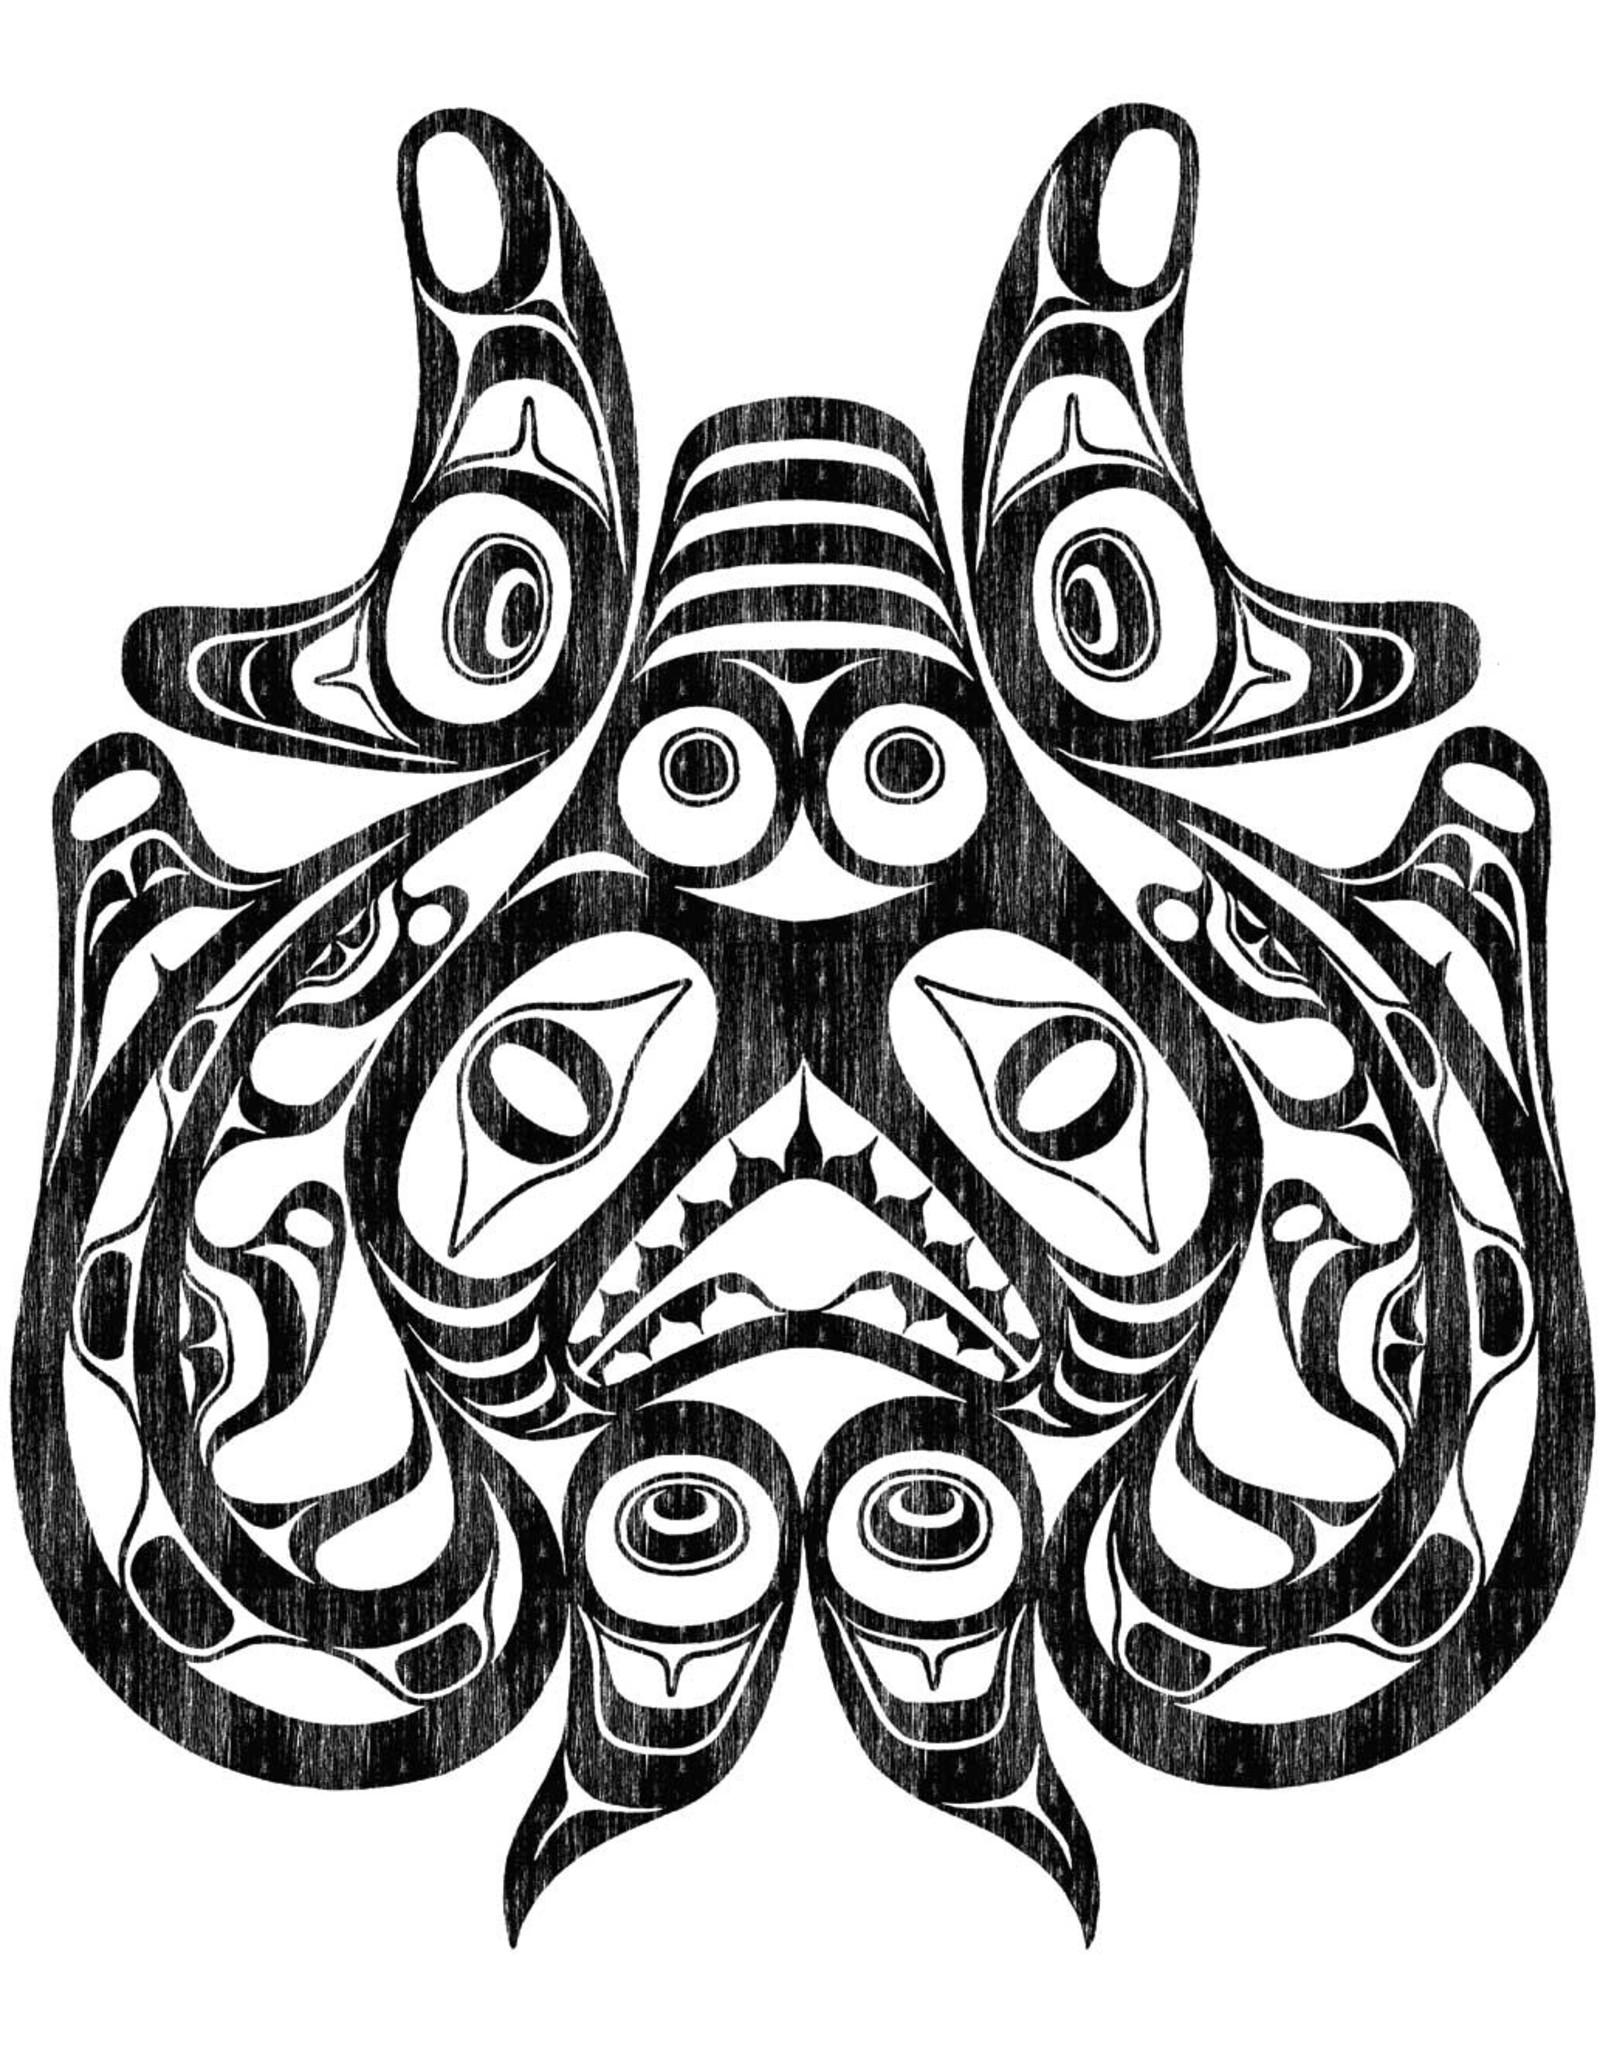 Xaxada - Haida Dogfish. Woodcut by Bill Reid Card